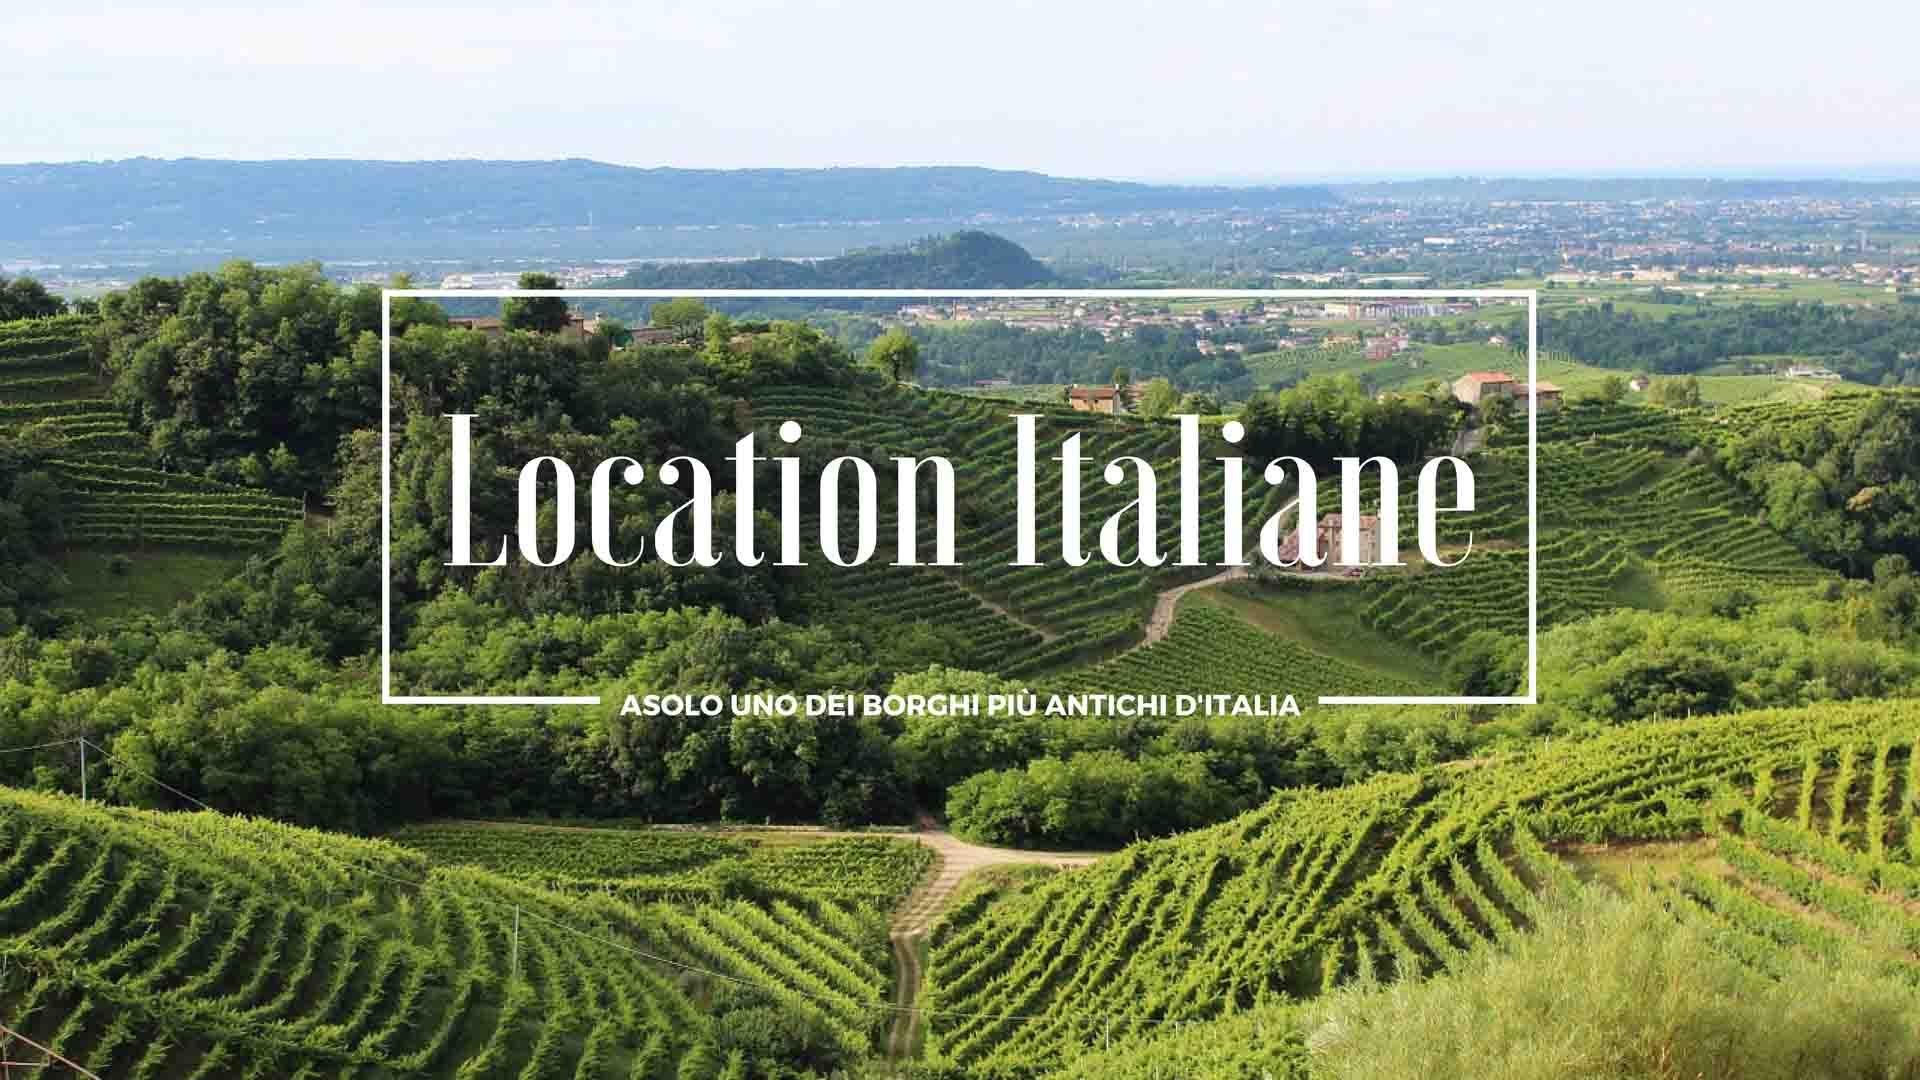 ASOLO UNO DEI BORGHI PIÙ ANTICHI D'ITALIA